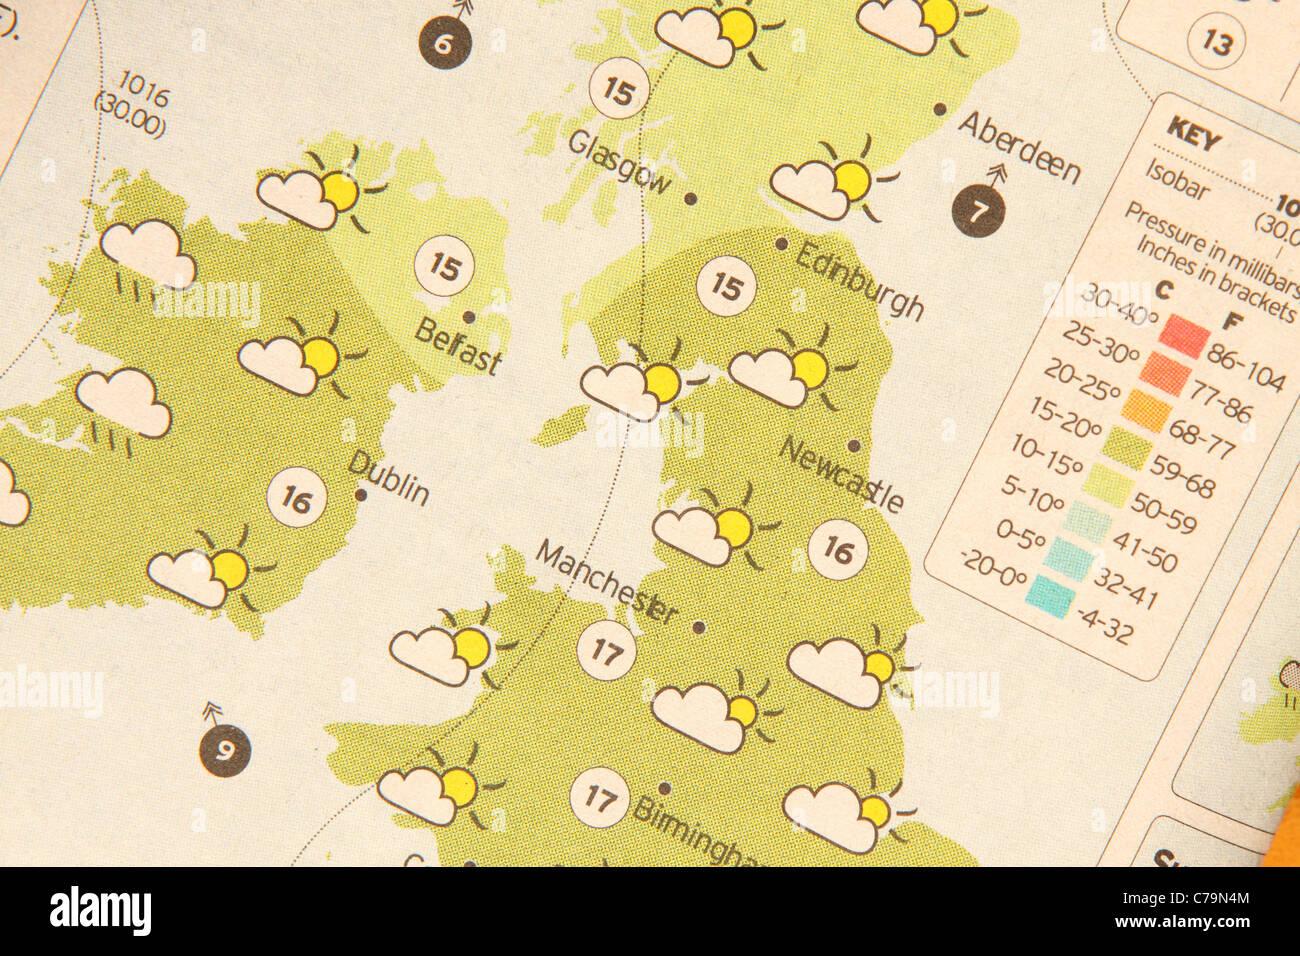 Previsioni Meteo Mappa in un giornale Immagini Stock